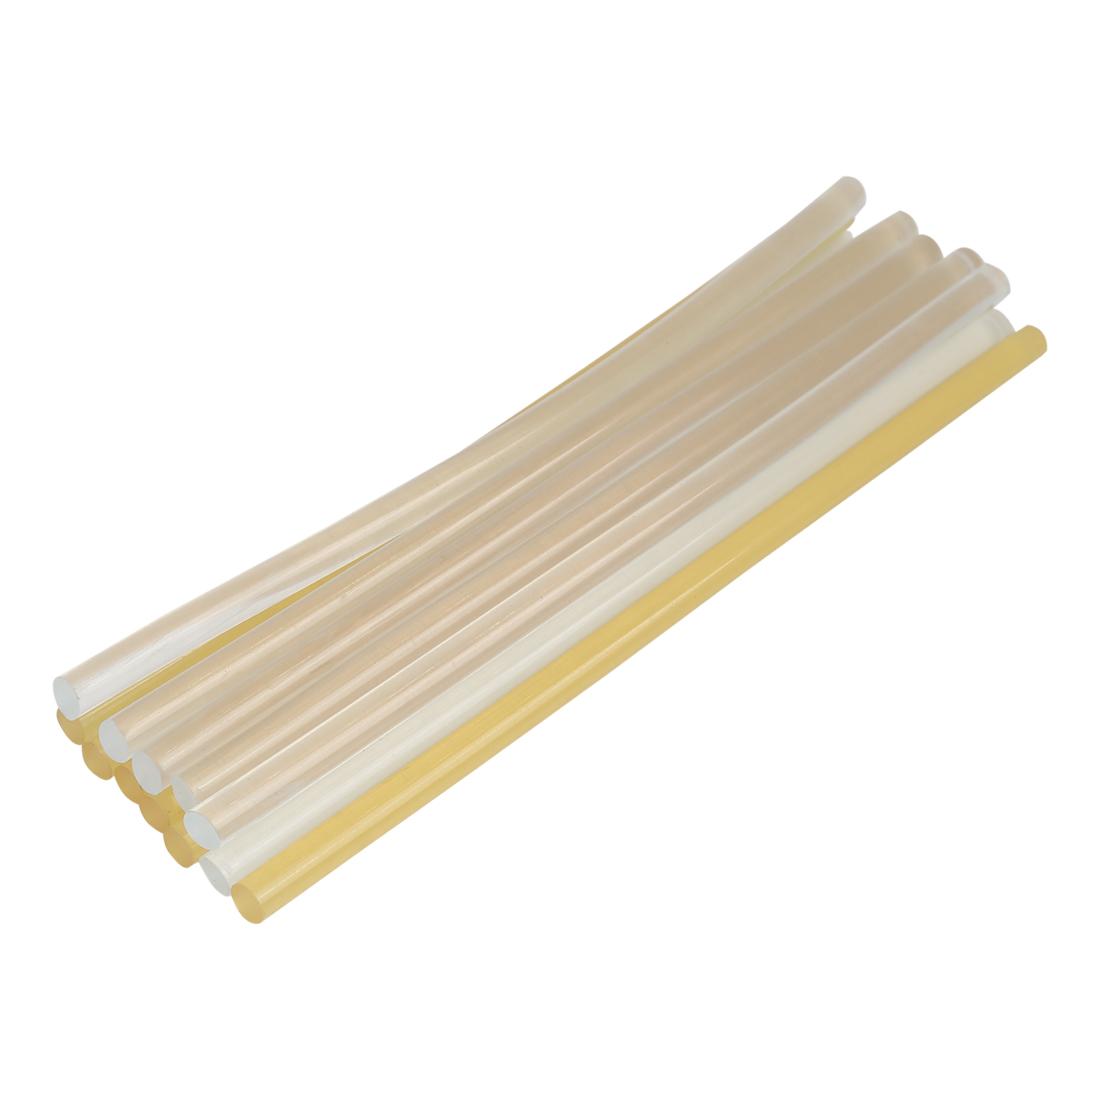 12 Pcs 7mm x 200mm Paintless Dent Repair Hot Melt Glue Sticks for Car